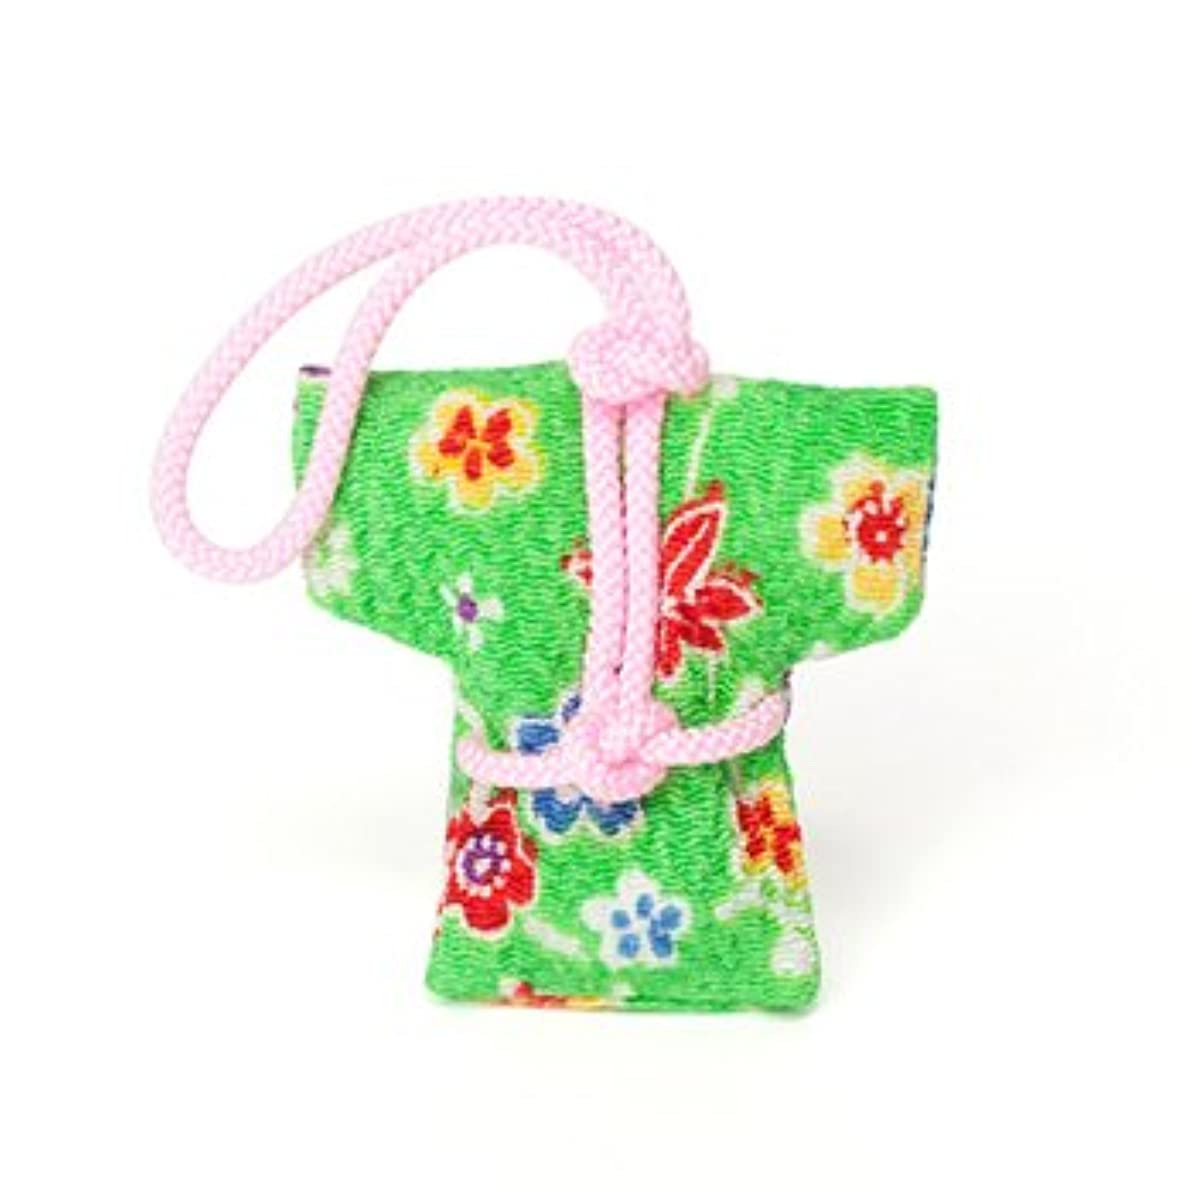 準備する最初特徴づける匂い袋 誰が袖 やっこさん 1個入 ケースなし (色?柄は選べません)